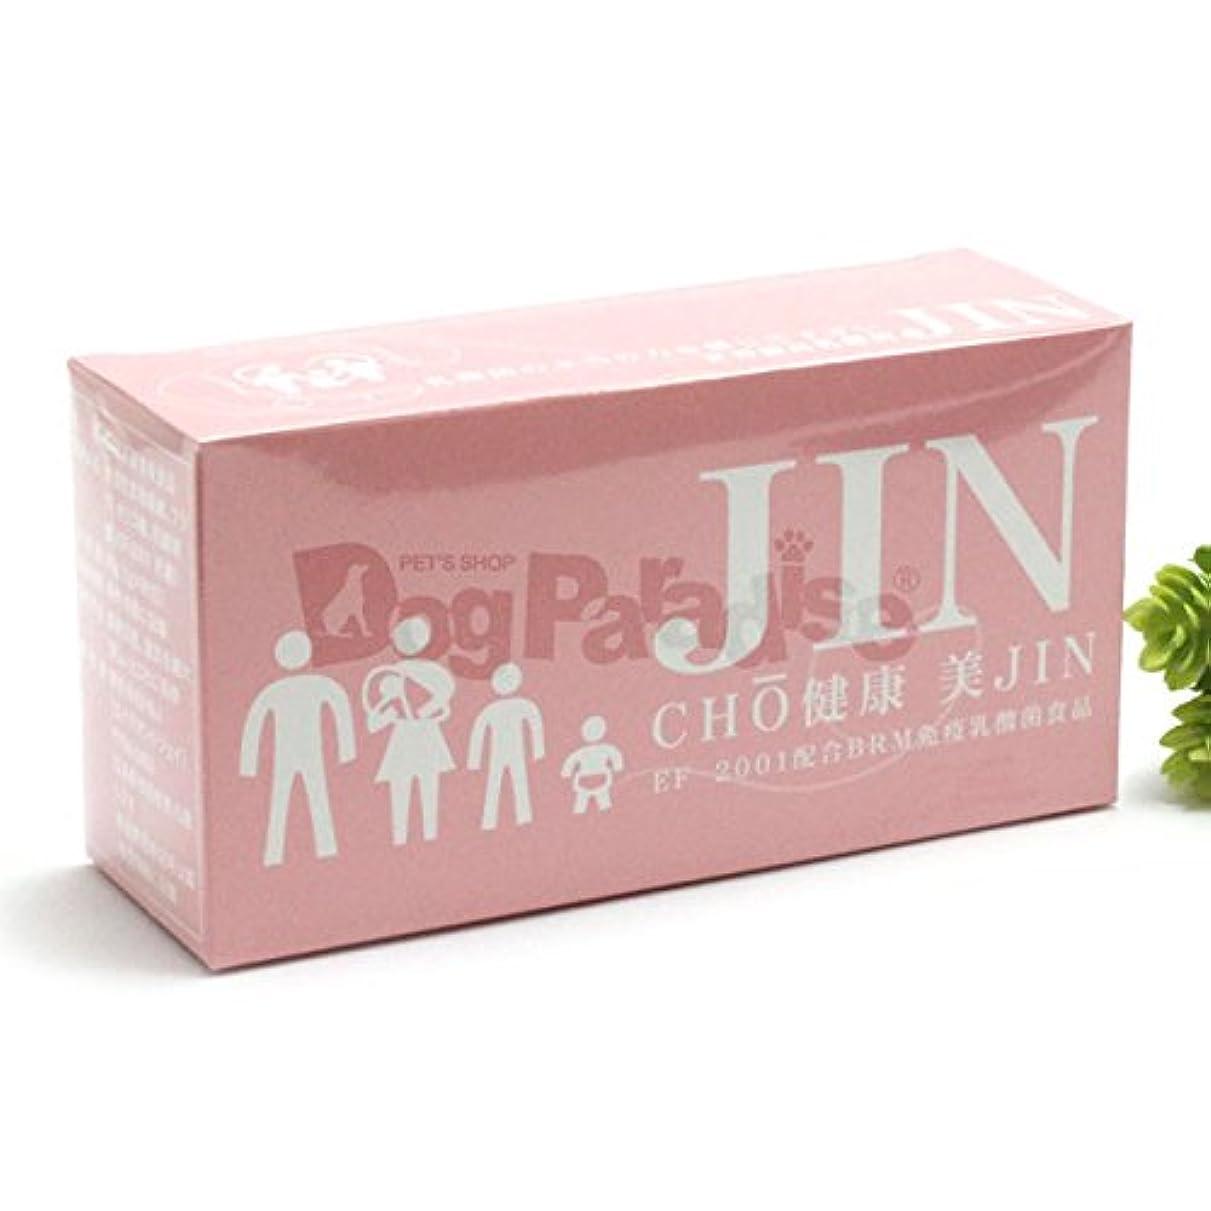 灌漑大量いつか乳酸球菌含有食品 CHO健康 美JIN(一箱90包入)